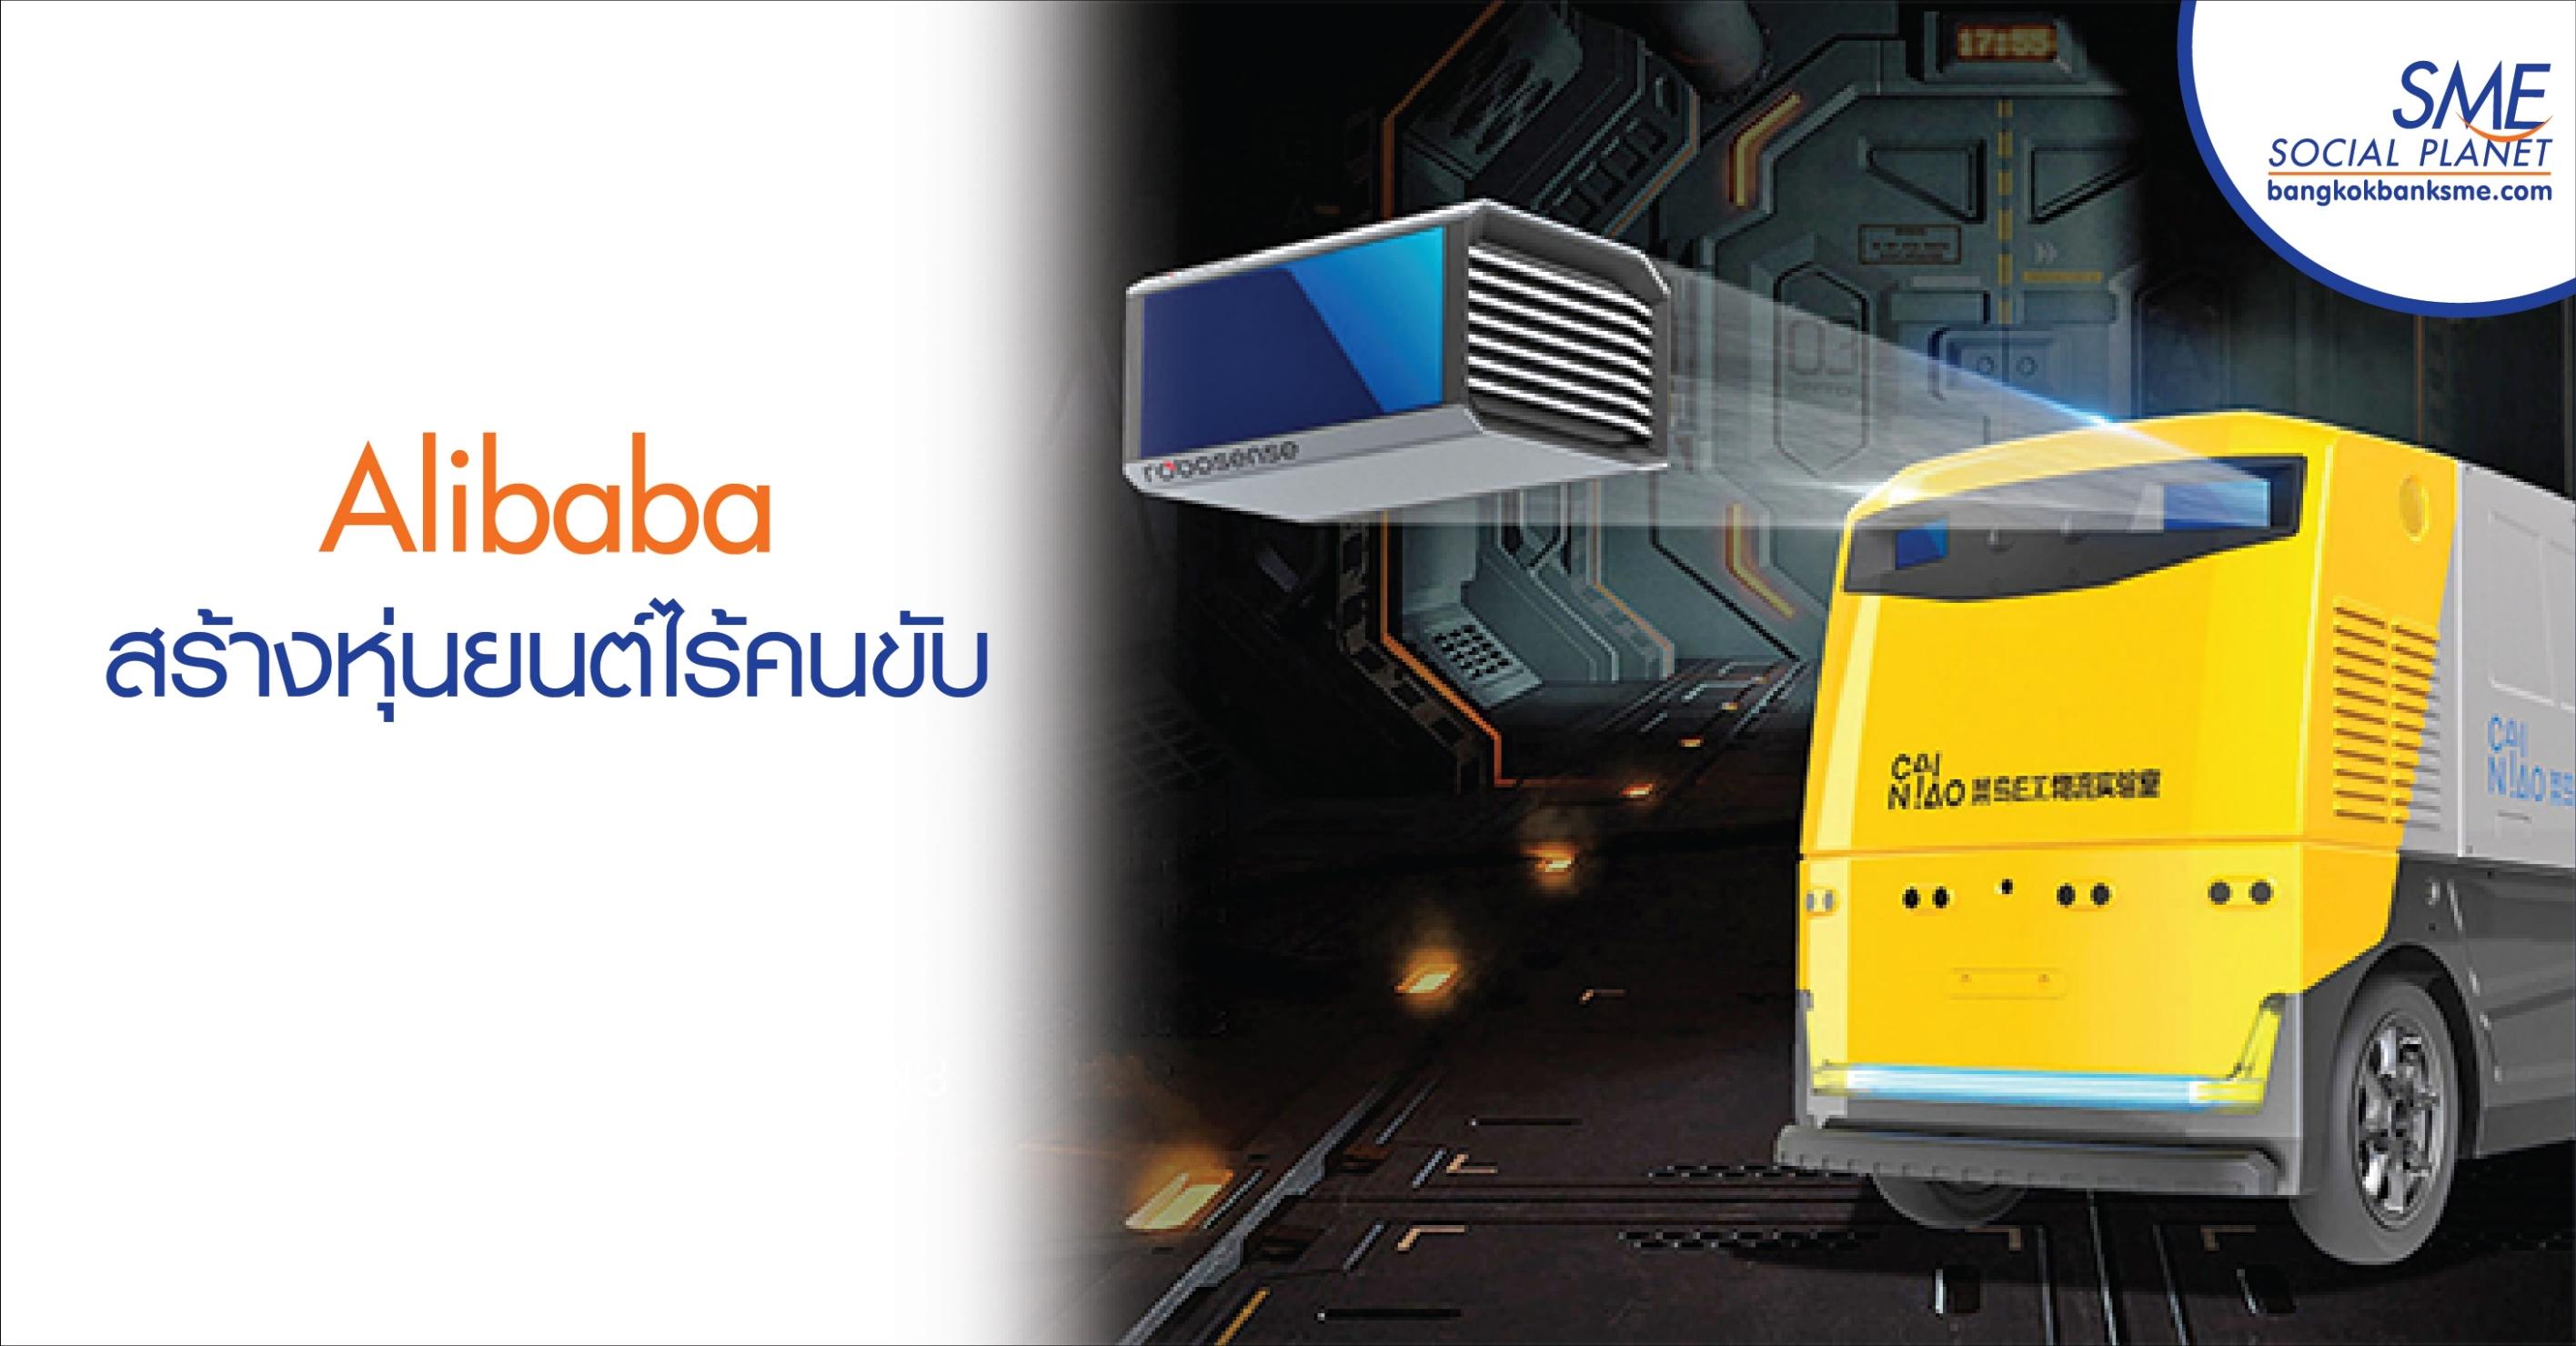 Alibaba สร้างหุ่นยนต์ไร้คนขับใช้จัดส่งสินค้า